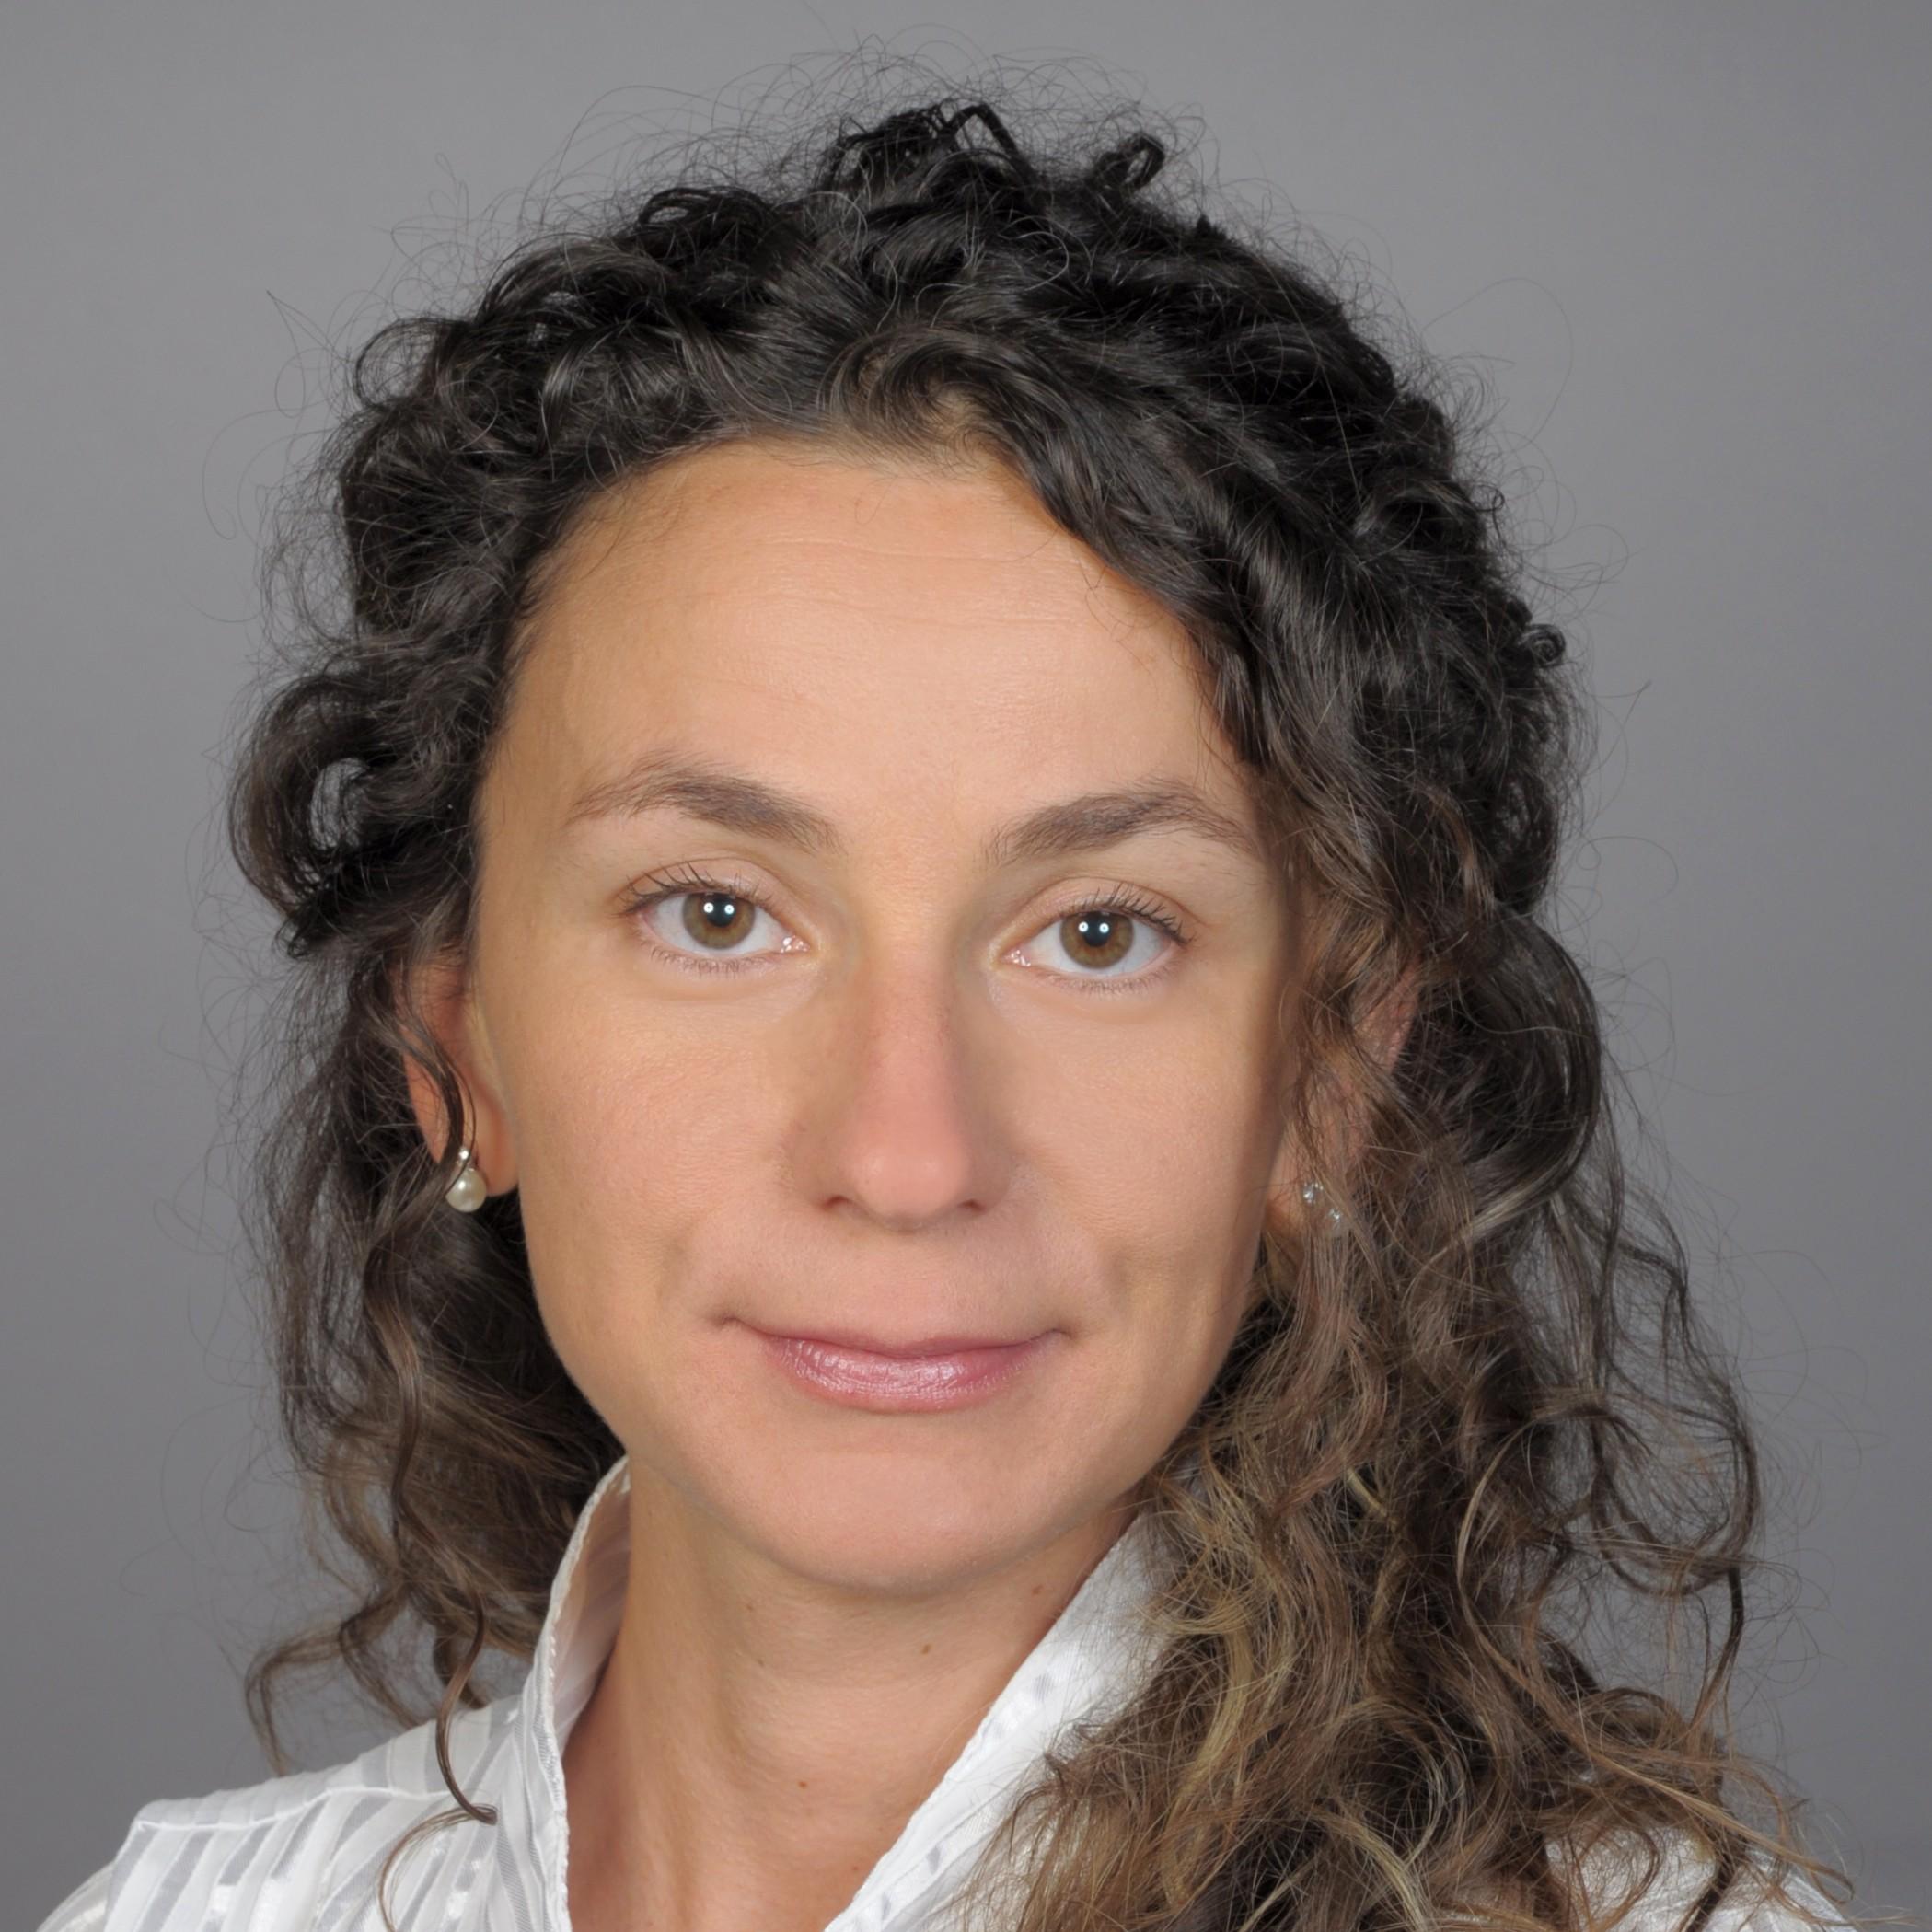 Anna Scolobig